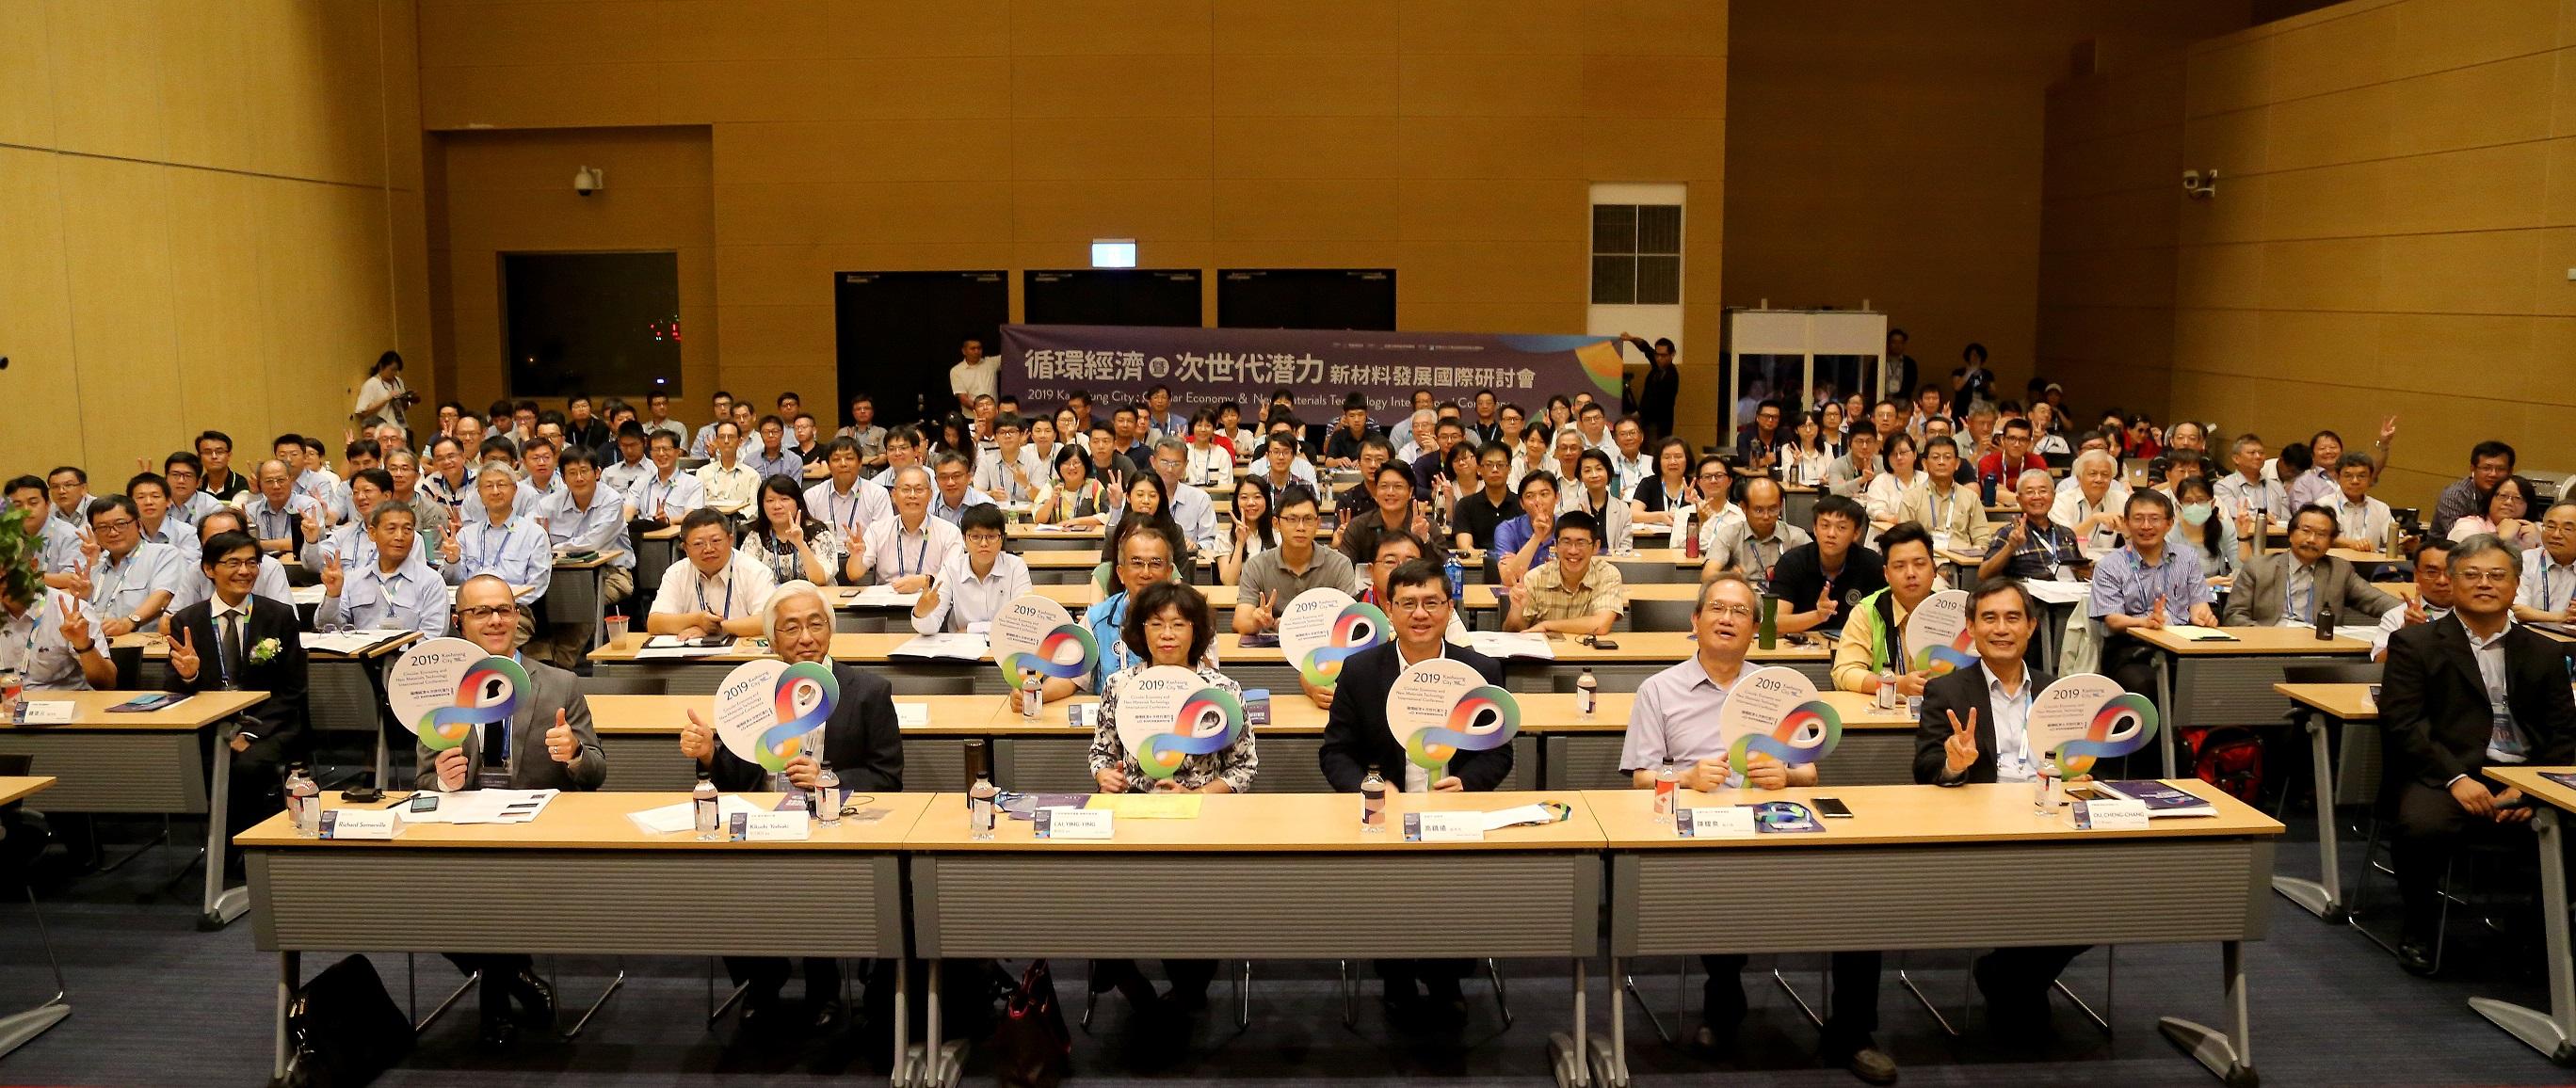 循環經濟國際研討會 擘劃傳產再出發方向